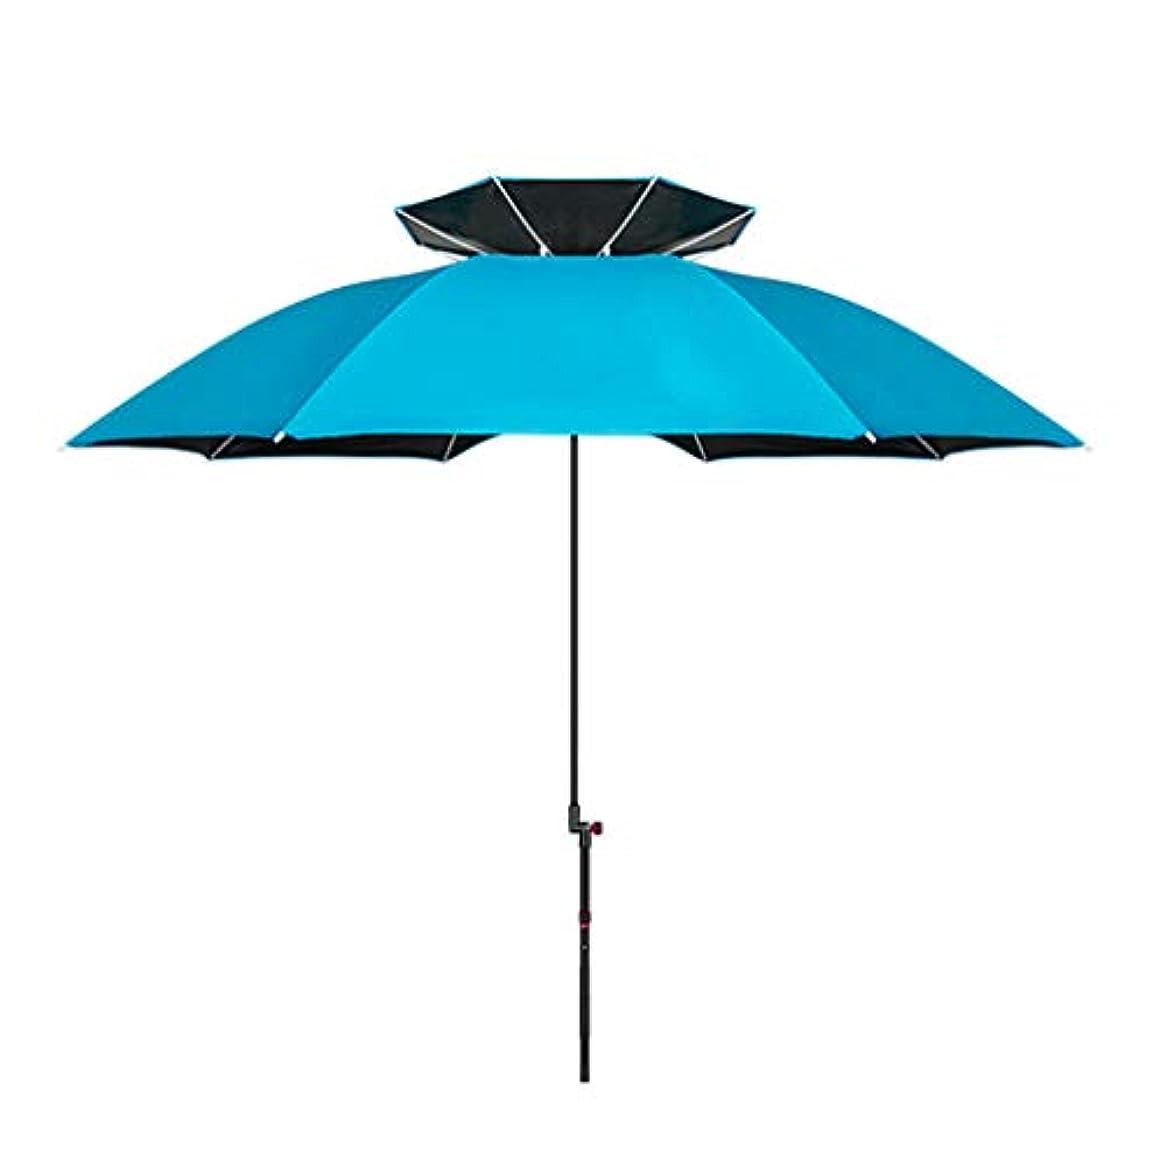 プリーツ構造的移住する太陽傘アルミ合金黒ガム布日焼け止め雨折りたたみ傘屋外サンシェード傘 (Size : H2.15m)